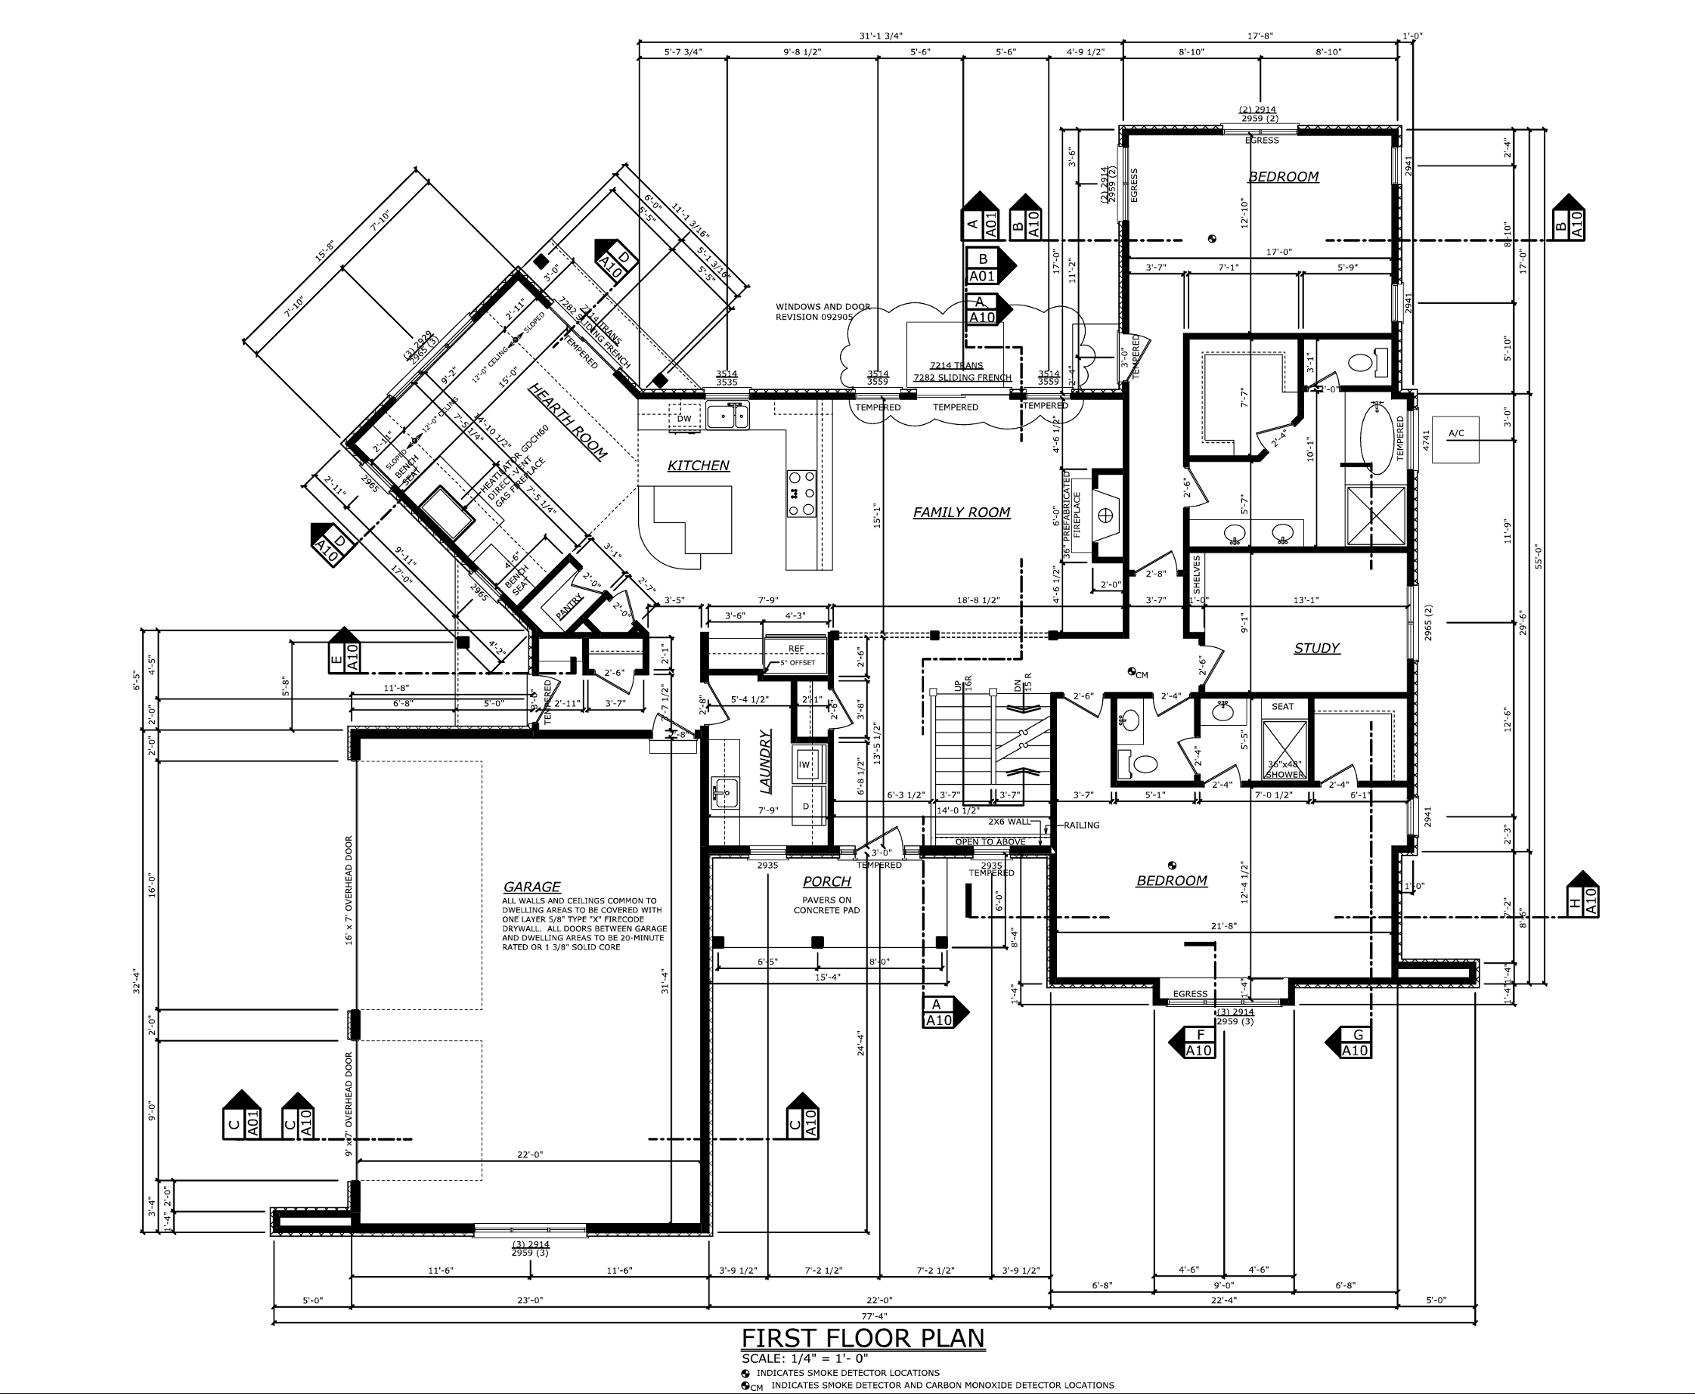 Residential Drawings